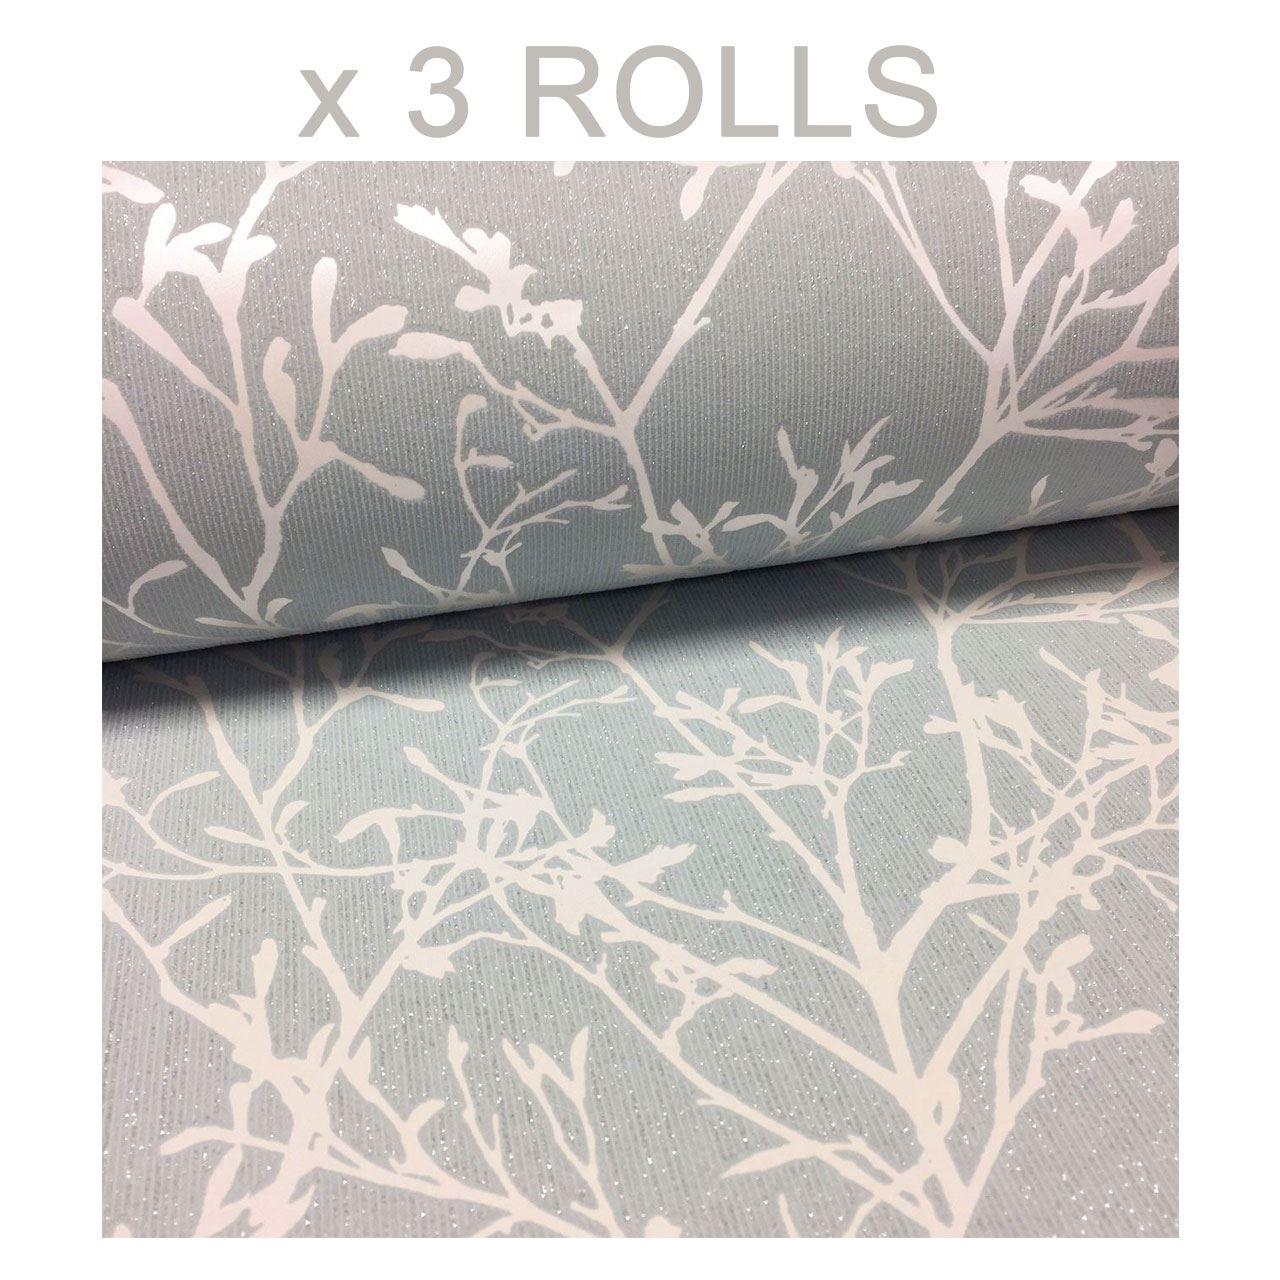 Tranquillity Wallpaper Fine Décor Glitter Trees Embossed Vinyl Duck Egg Silver